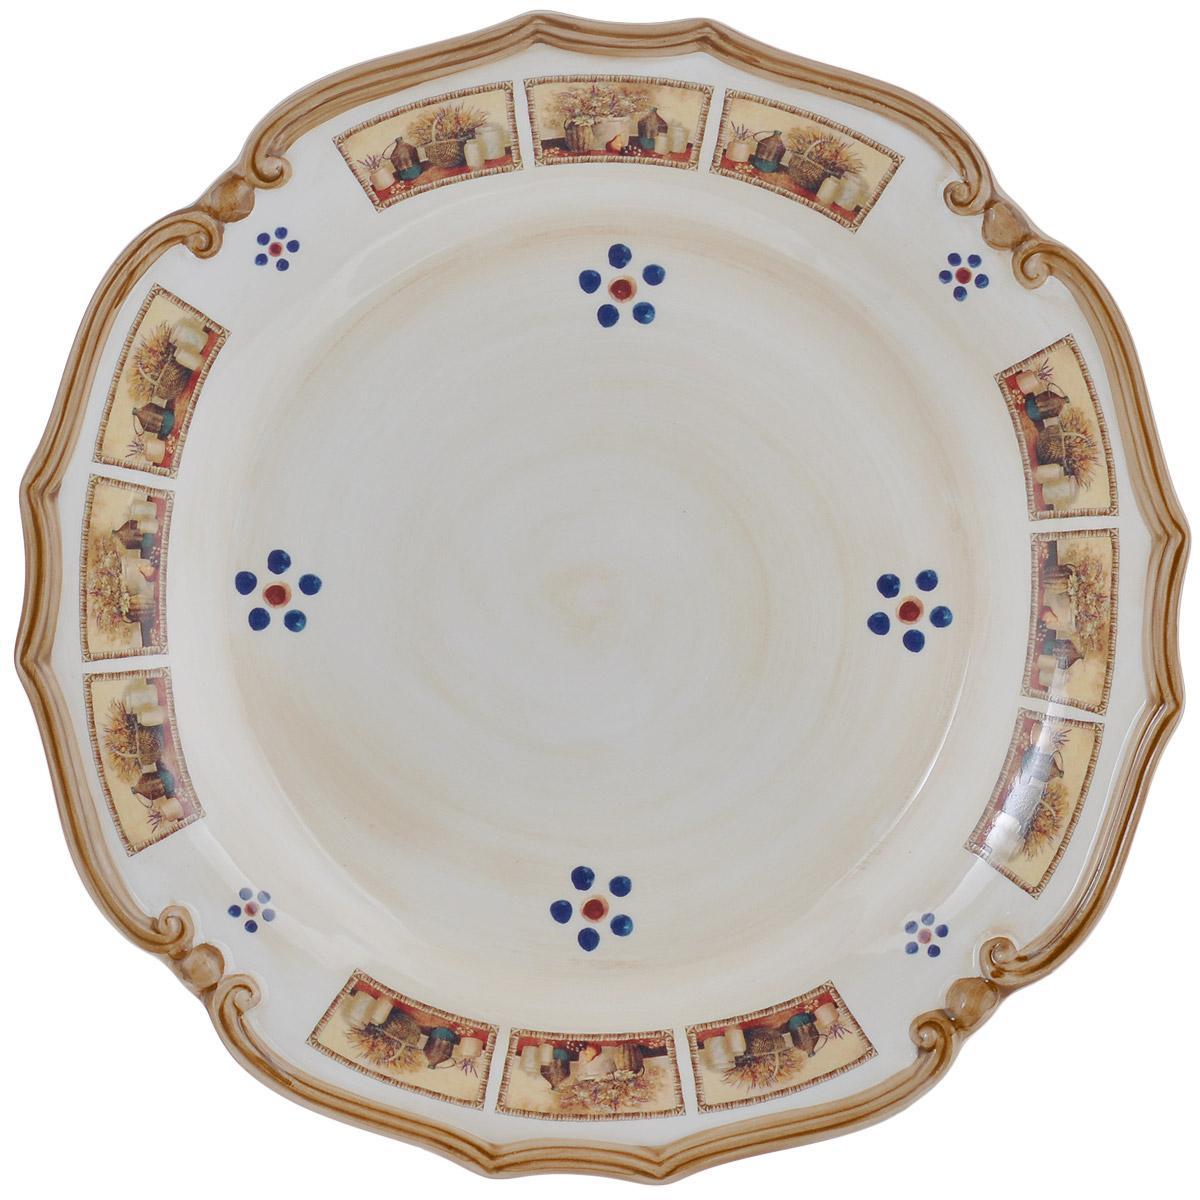 Блюдо LCS Натюрморт, цвет: бежевый, коричневый, диаметр 37 смVT-1520(SR)Круглое блюдо LCS Натюрморт, изготовленное из керамики, станет достойным украшением вашего стола. Блюдо с рельефными краями оформлены изображением картин с натюрмортами.Изящный дизайн и красочность оформления придутся по вкусу и ценителям классики, и тем, кто предпочитает утонченность и изысканность. Высокий стандарт изделий обеспечивается за счет соединения высоко технологичного производства и использования ручной работы профессиональных дизайнеров и художников, работающих на фабрике. Блюдо LCS Маковый луг украсит сервировку вашего стола и подчеркнет прекрасный вкус хозяина, а также станет отличным подарком. Диаметр блюда: 37 см.Высота стенки: 4,5 см.